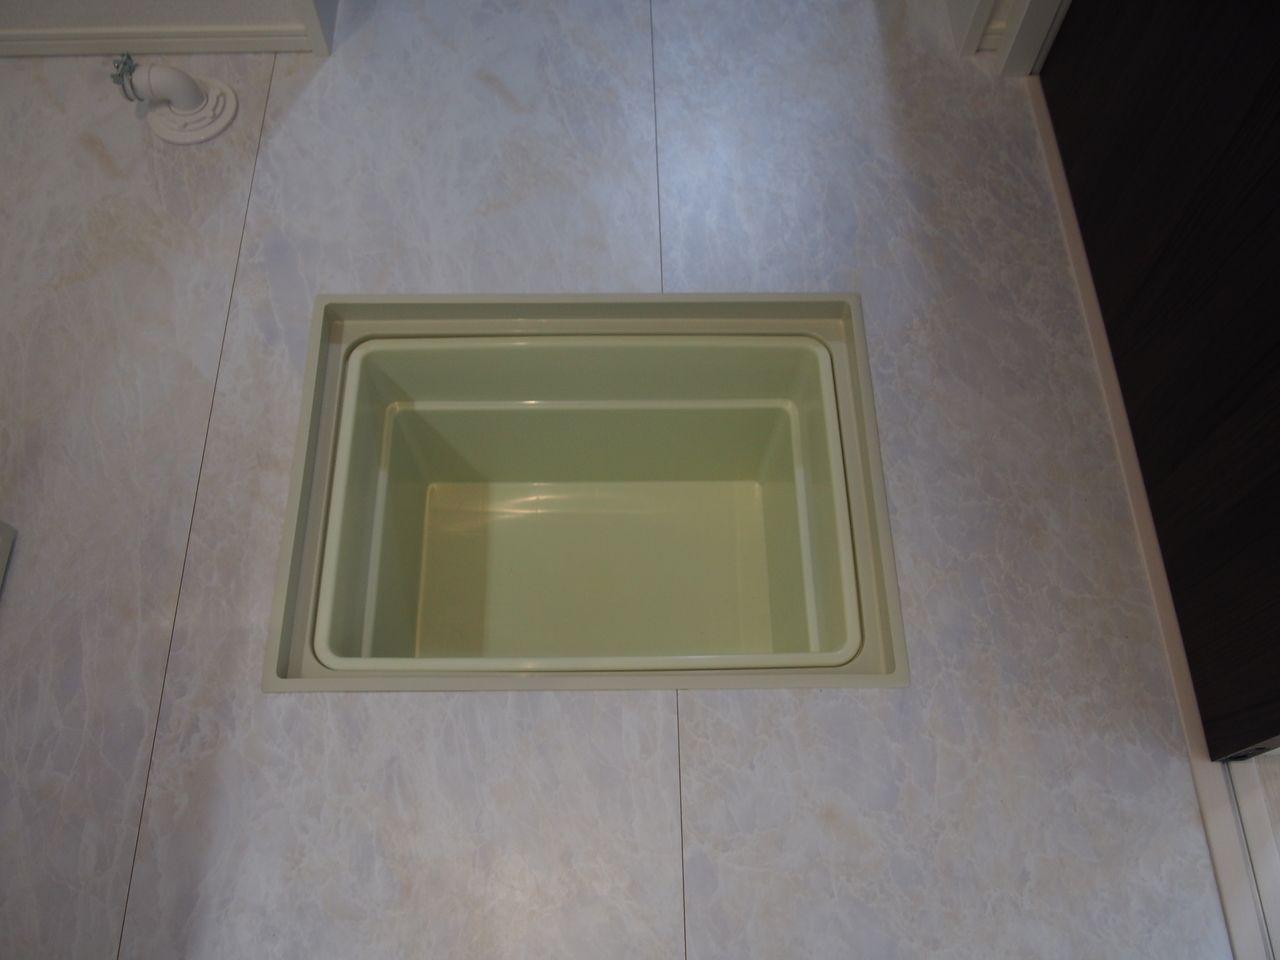 床下点検口が2ケ所あり、水回りの点検がしやすい。メンテナンスしやすい家は、家を長持ちさせます。